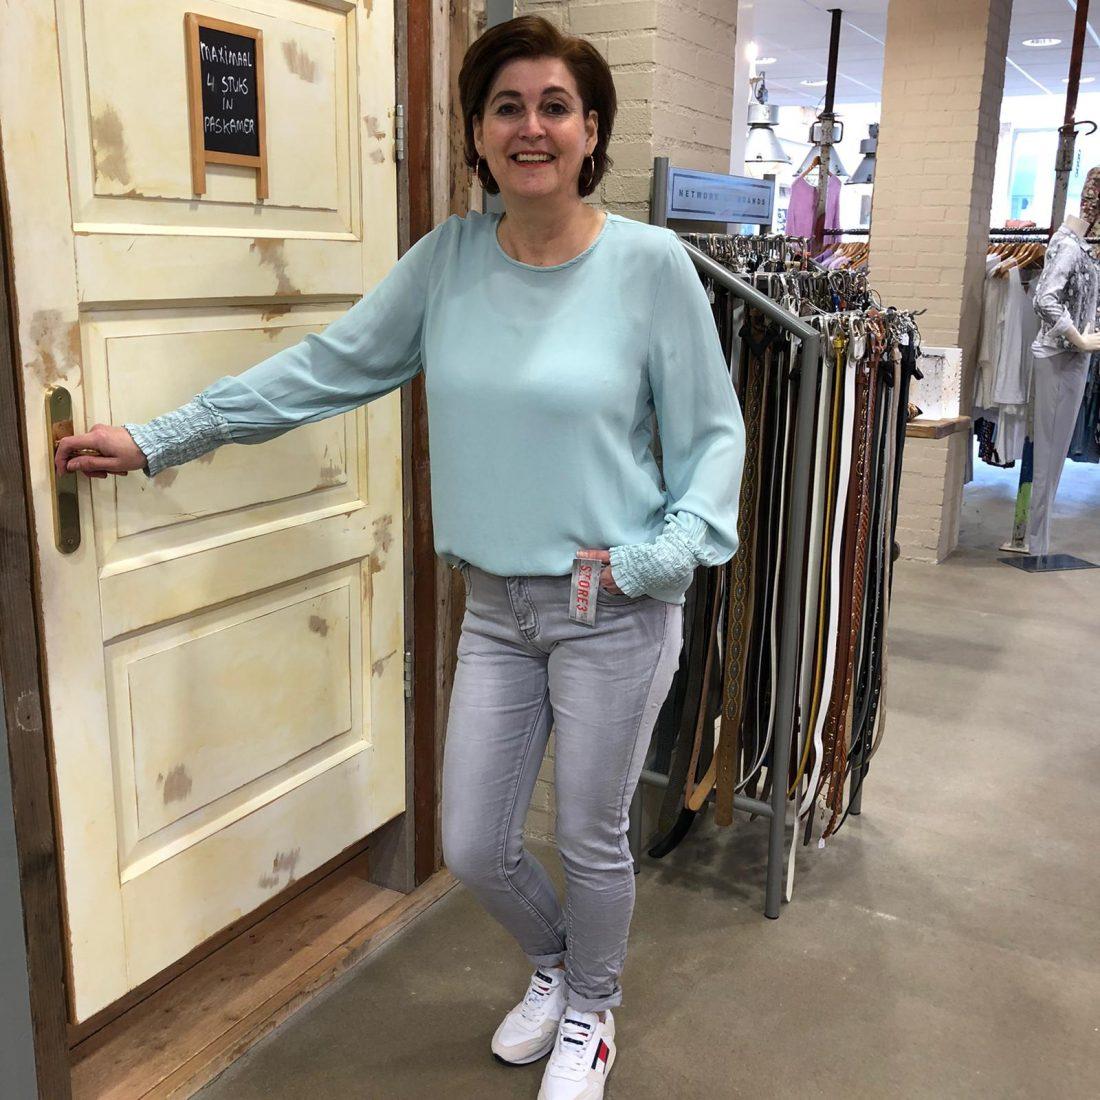 Norfy Jogjeans Gitte Grijs & Gemma Ricceri Top Francine Lichtblauw Store3 Mode & Accessoires